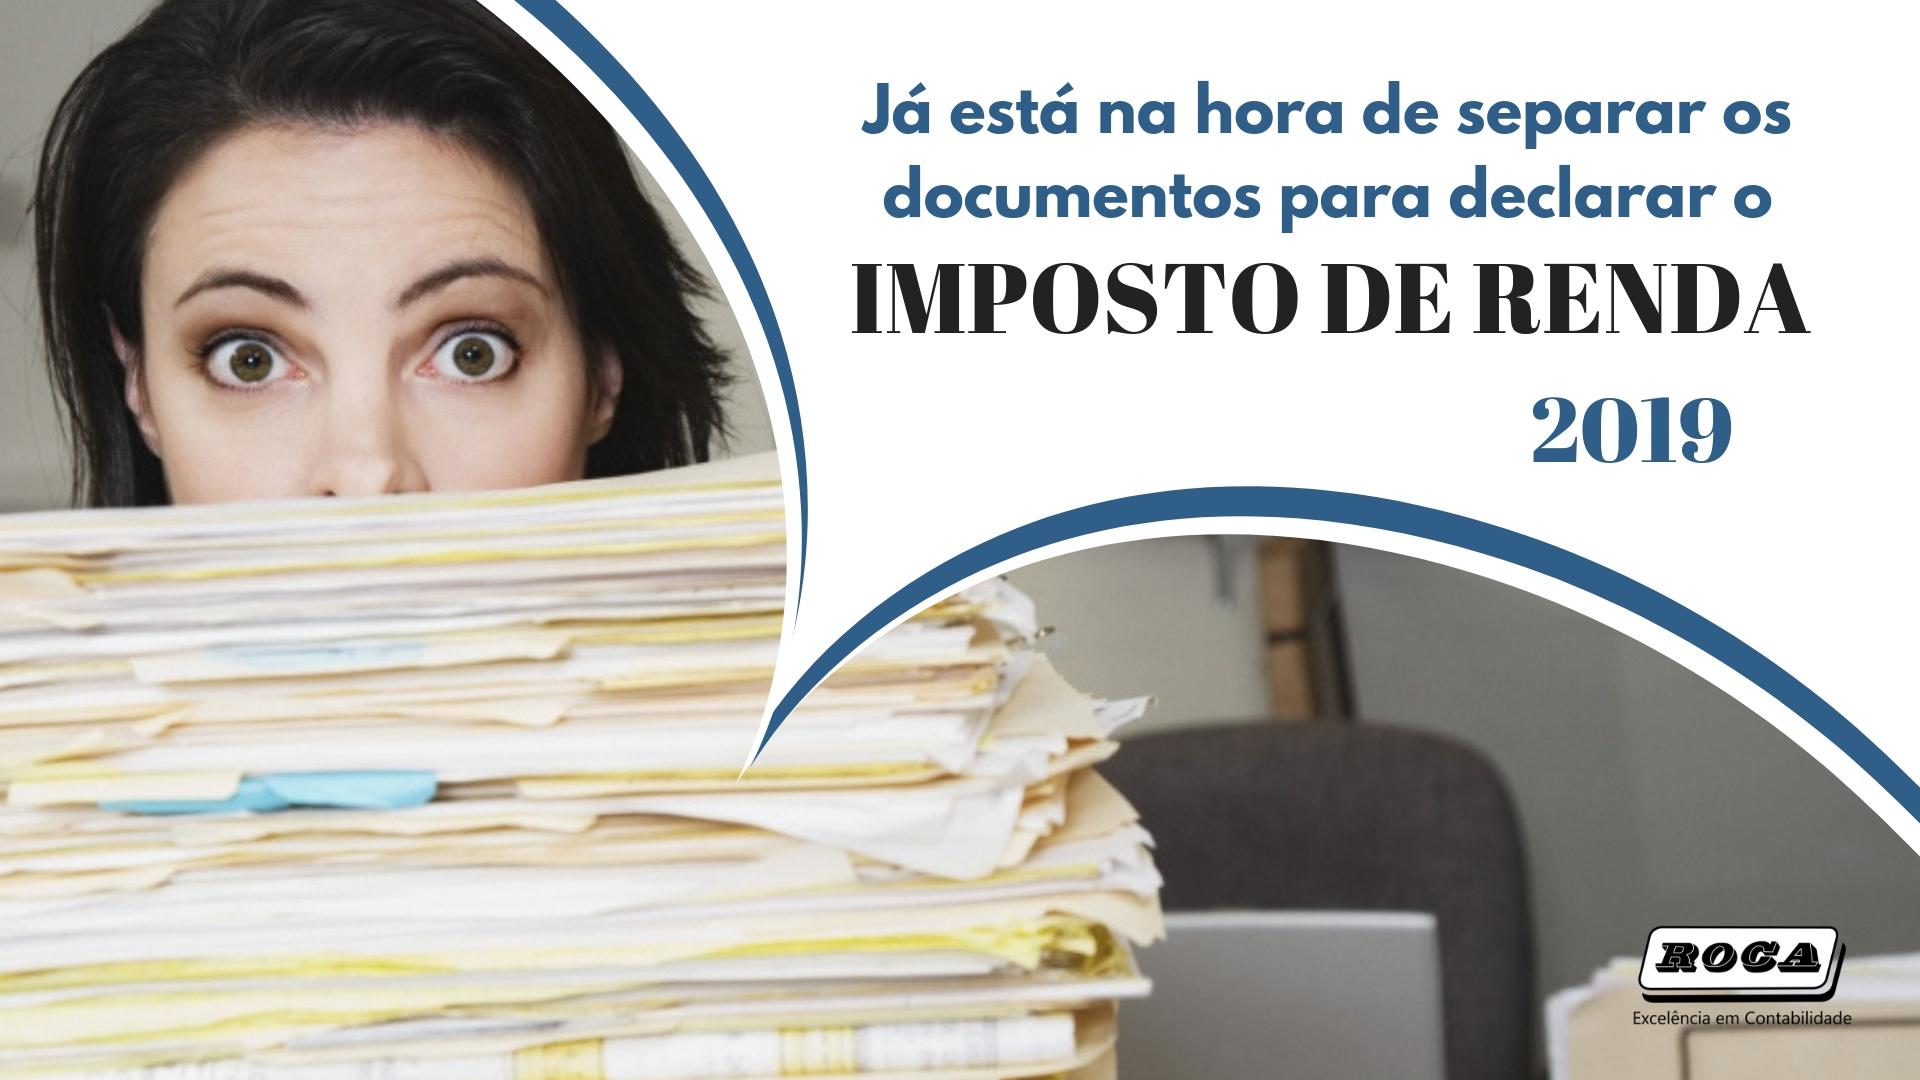 Já Está Na Hora De Separar Os Documentos Para Declarar O Imposto De Renda De 2019